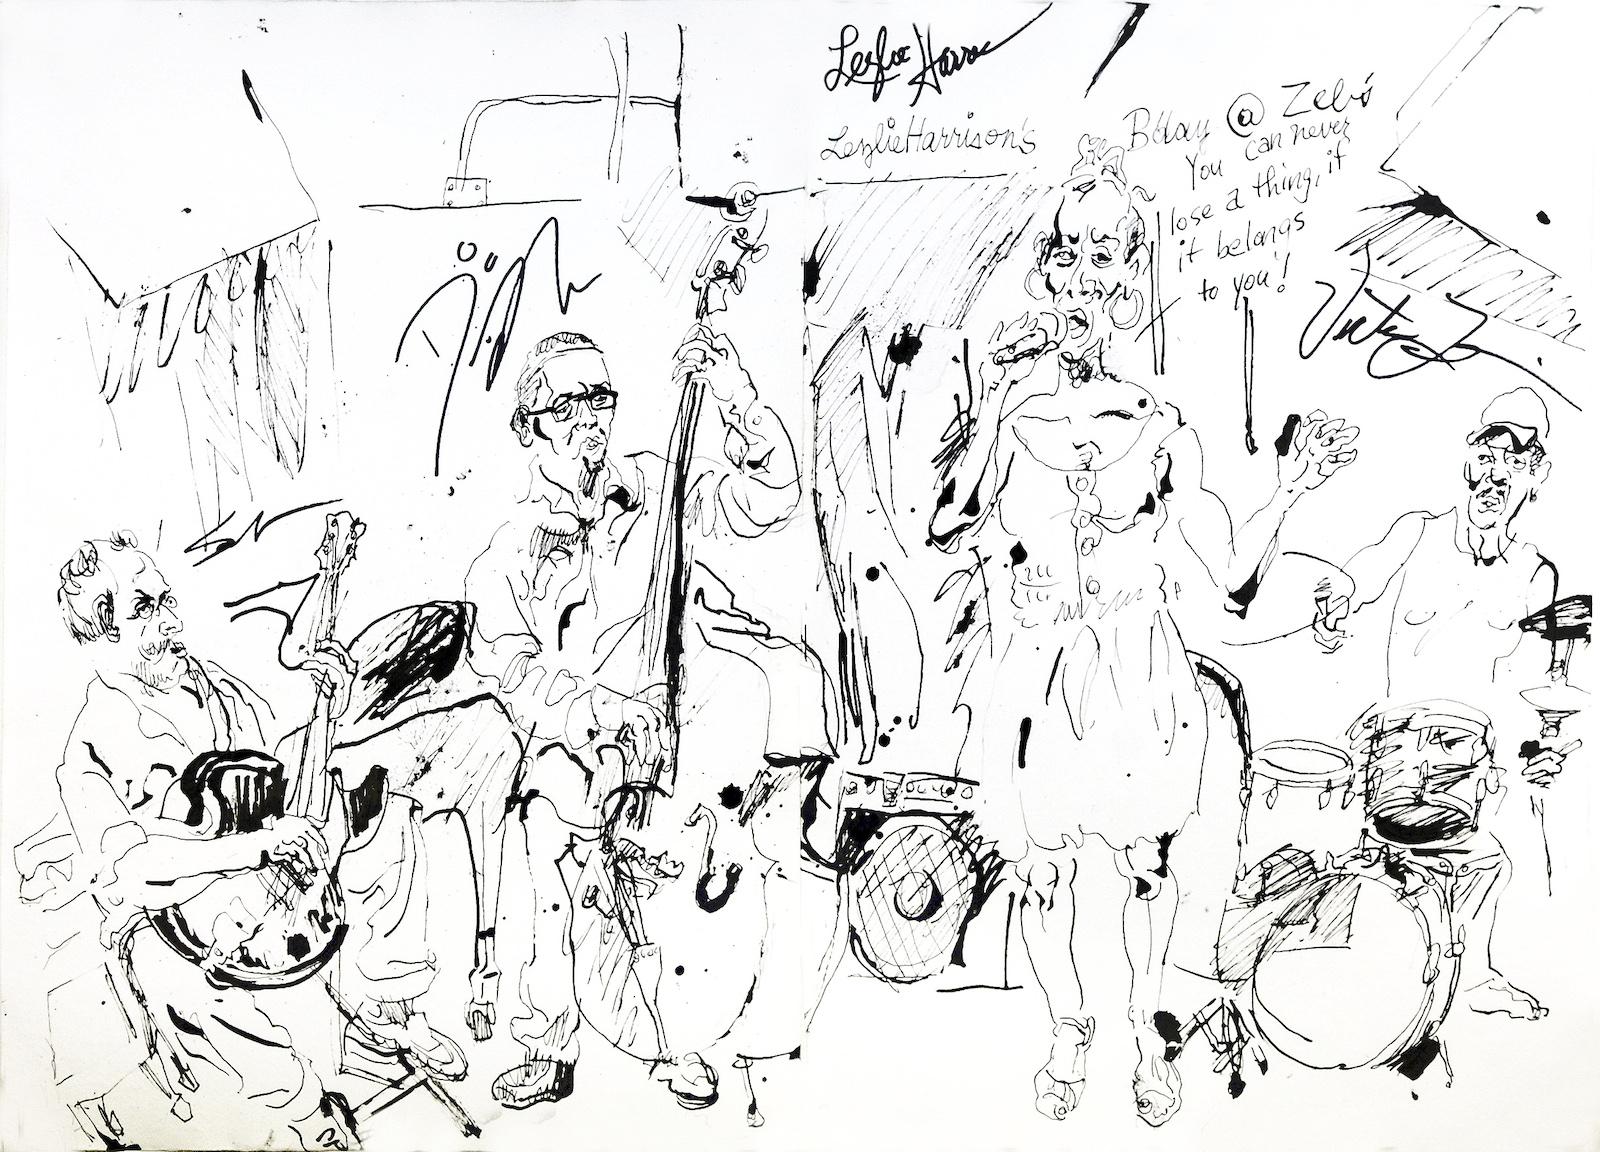 Lezlie harrison quartet at zeb's 2012